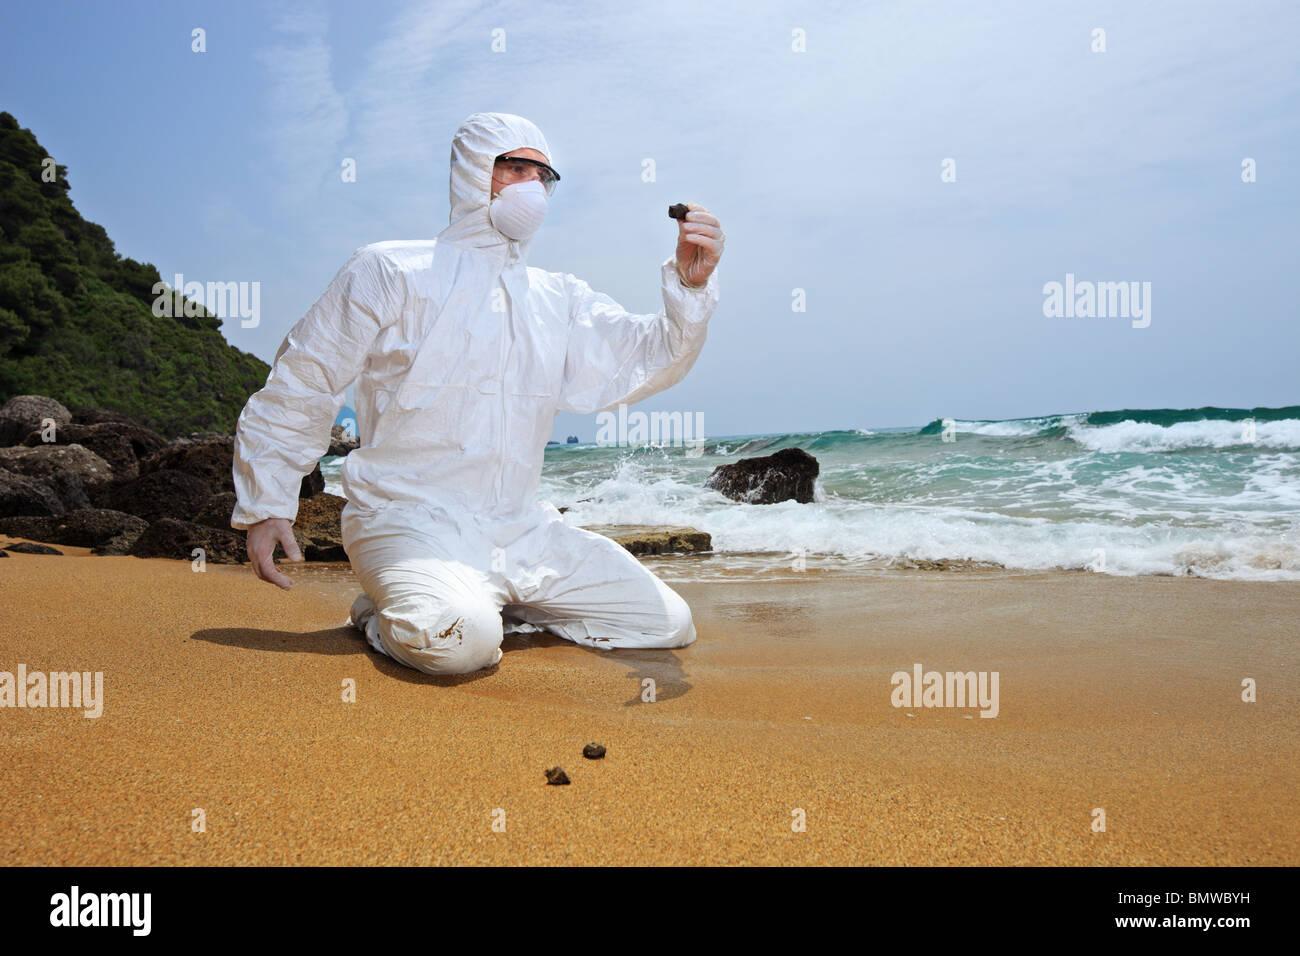 Lavoratore in una tuta protettiva esaminando l'inquinamento in spiaggia Immagini Stock